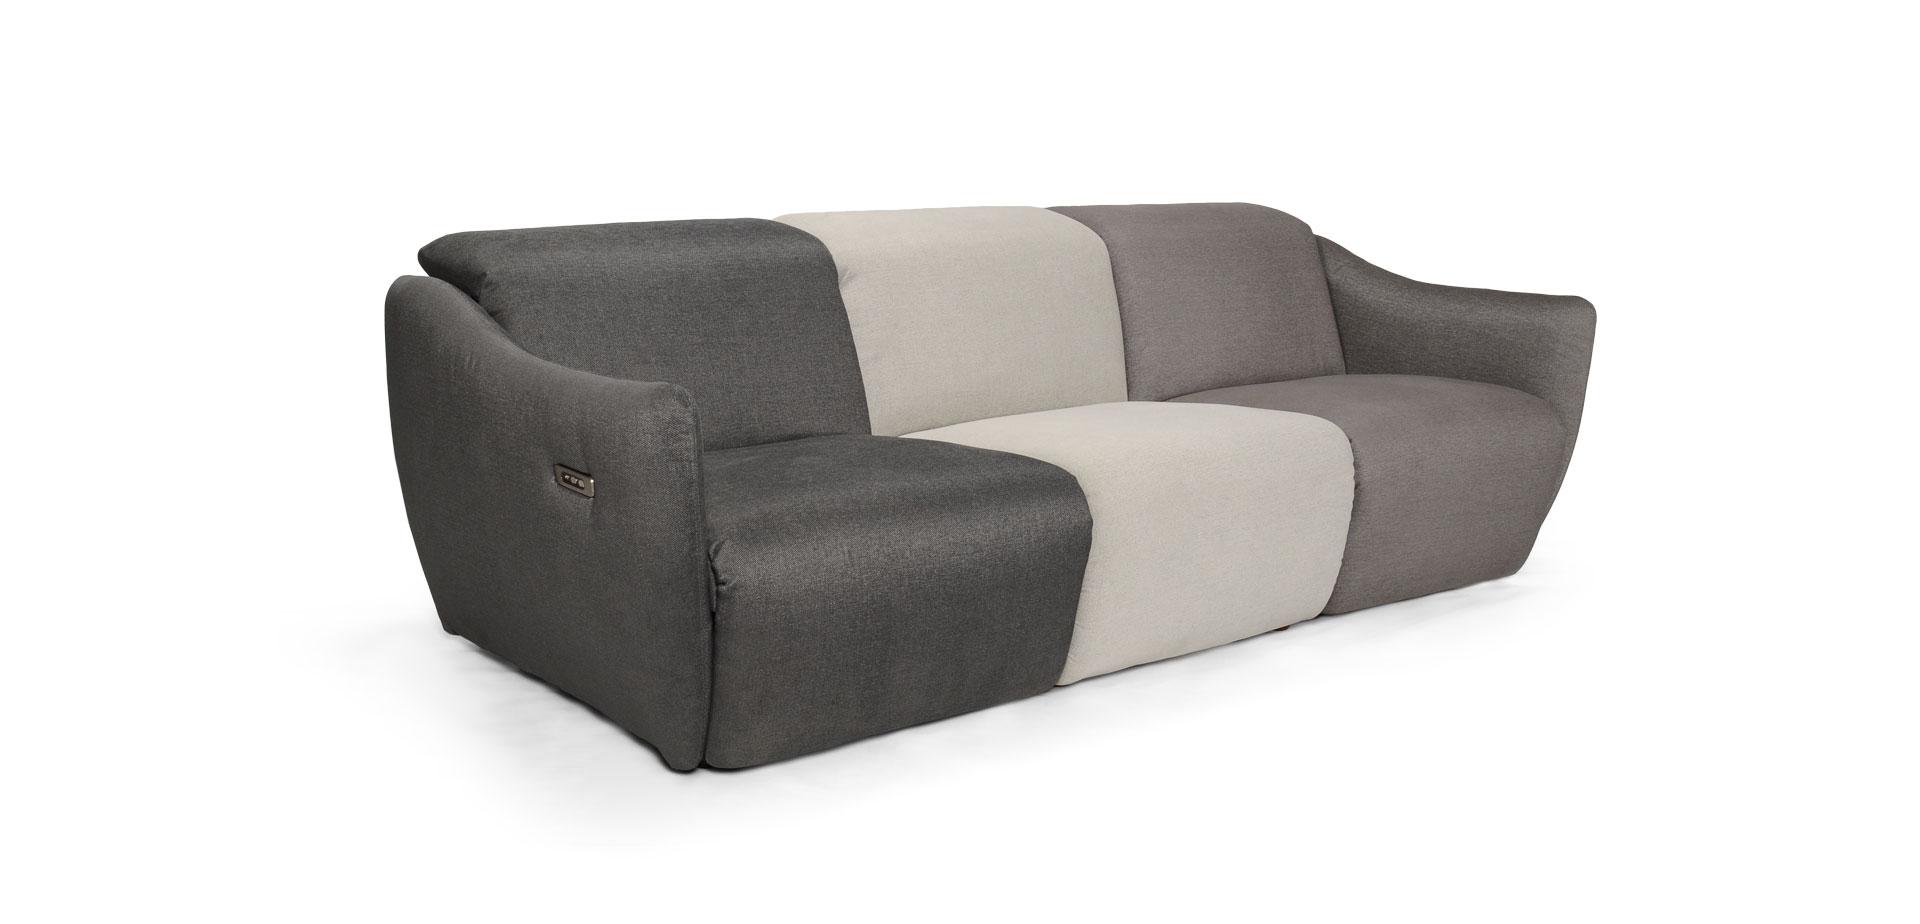 Canapea Rio 3 locuri